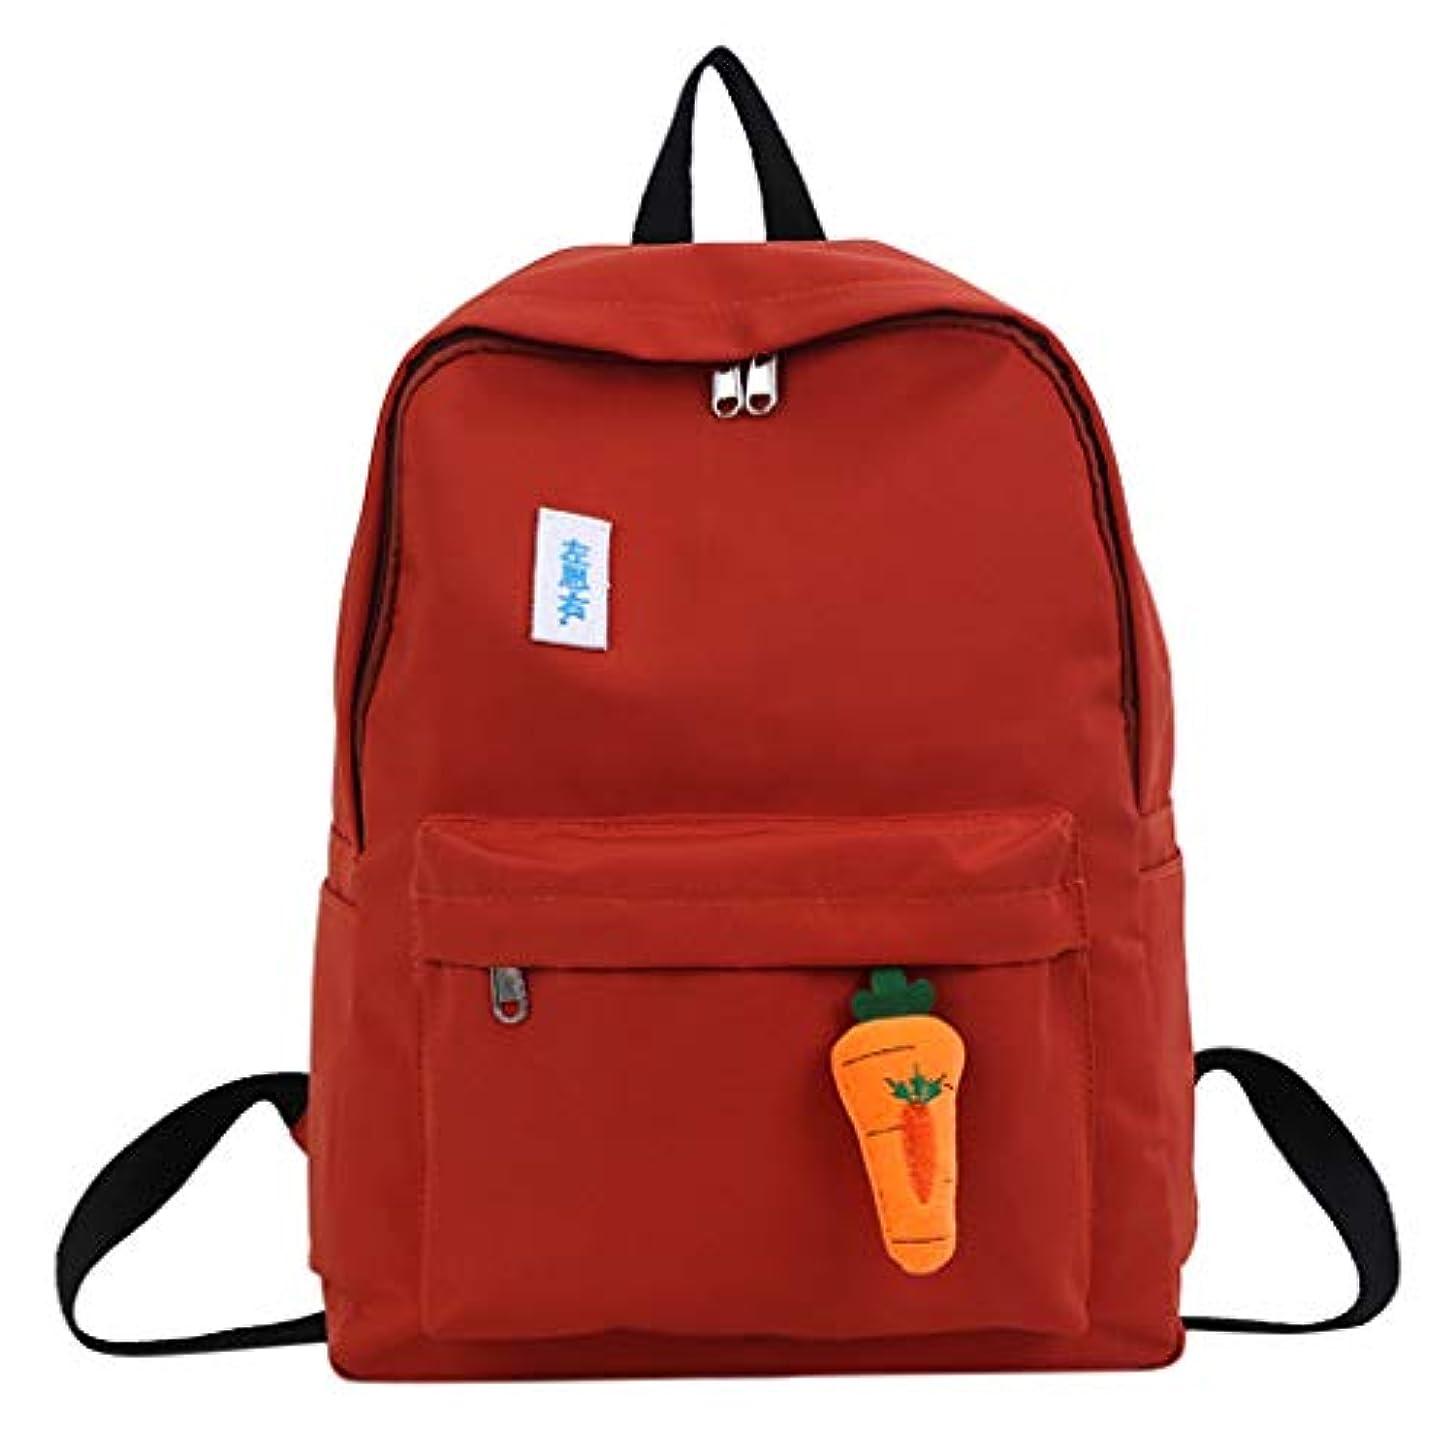 腹部ブロックする安定した女子学生カジュアルファッションシンプルなバックパック軽量キャンバスバックパックガールズ屋外大容量かわいいヴィンテージバッグ